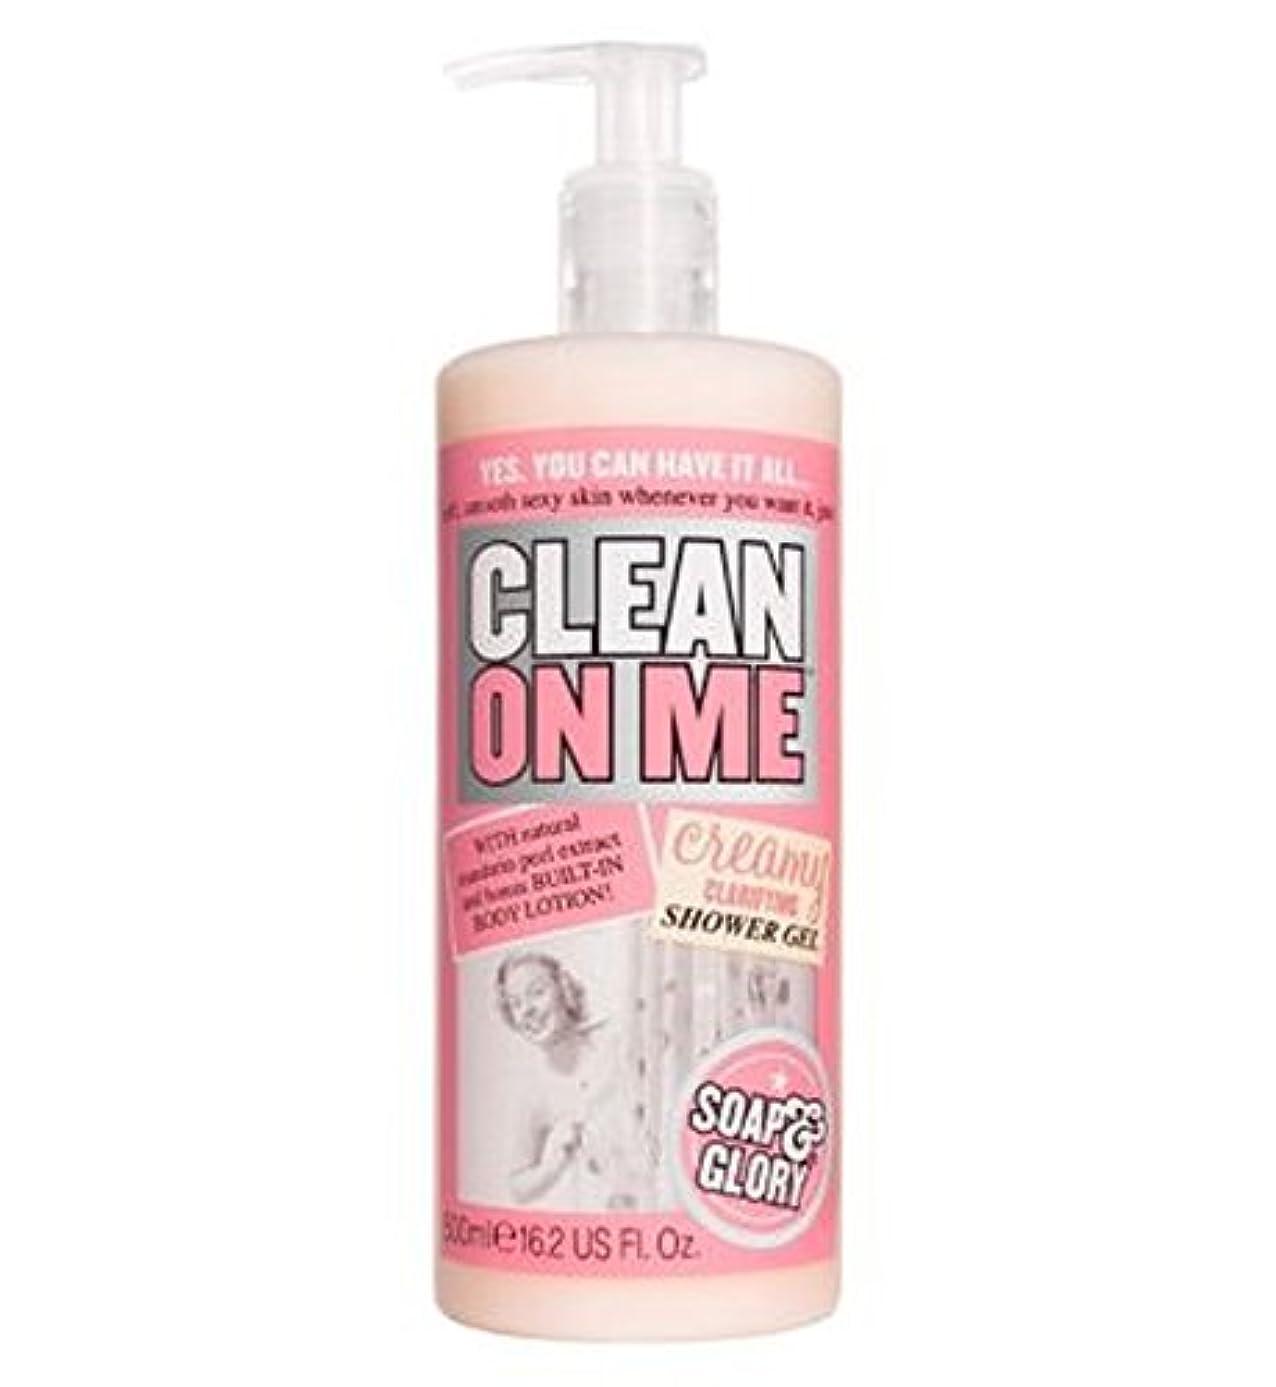 実行奇跡的な人工的な私にきれいな石鹸&栄光はシャワージェル500ミリリットルを明確にクリーミー (Soap & Glory) (x2) - Soap & Glory Clean On Me Creamy Clarifying Shower...